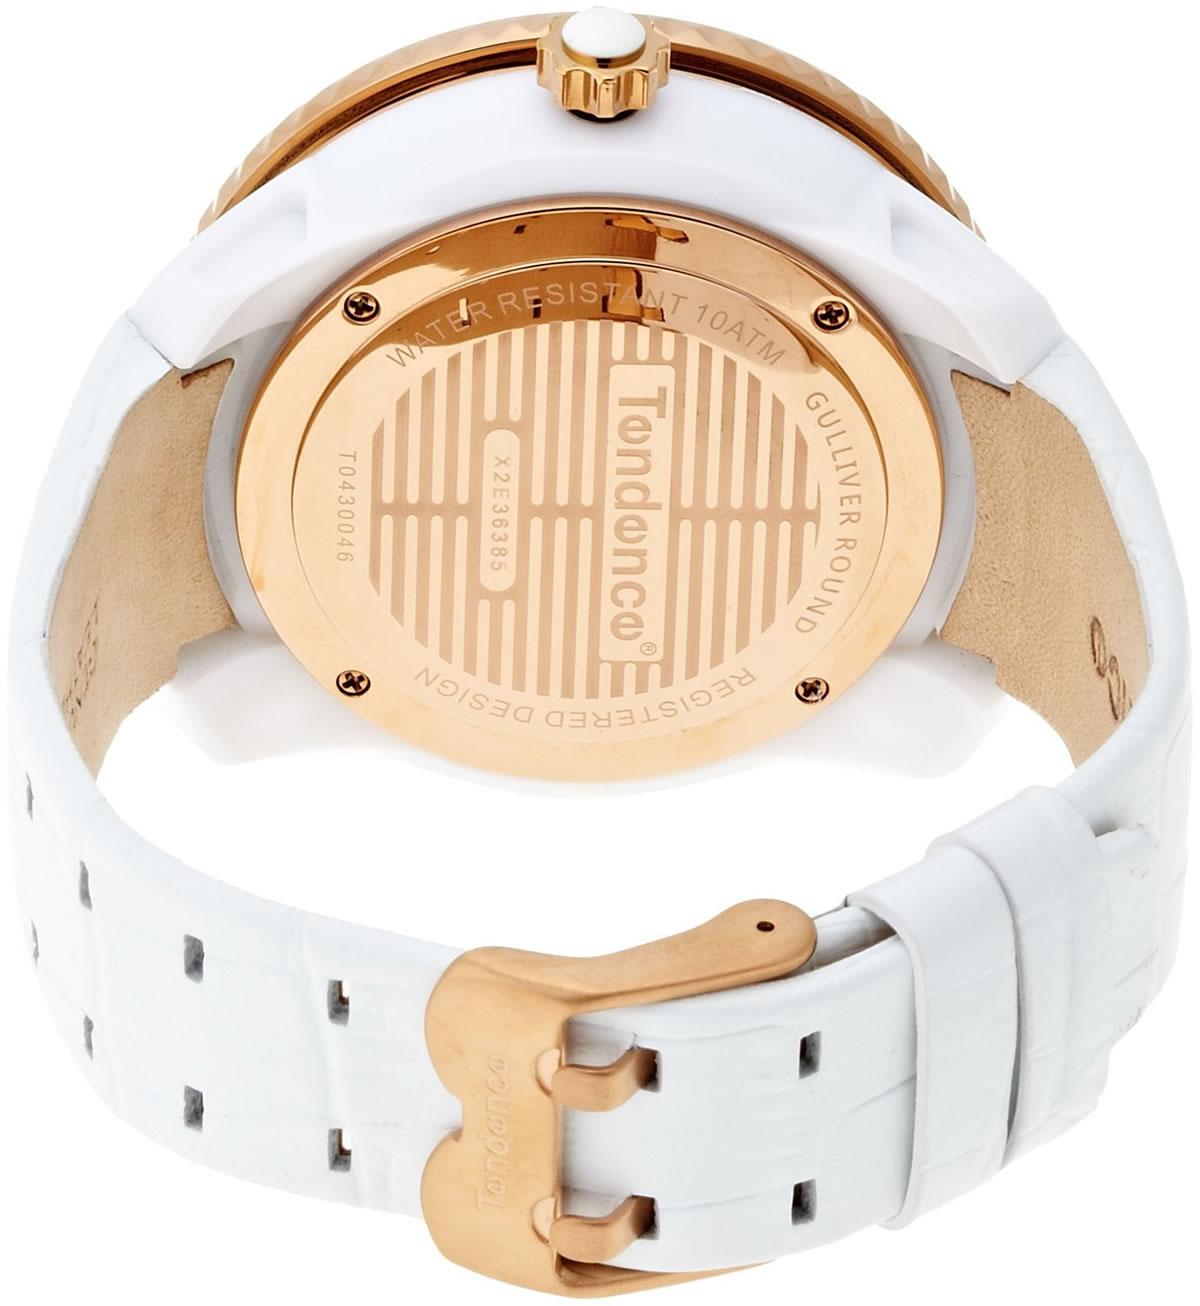 テンデンス 革ベルト 腕時計